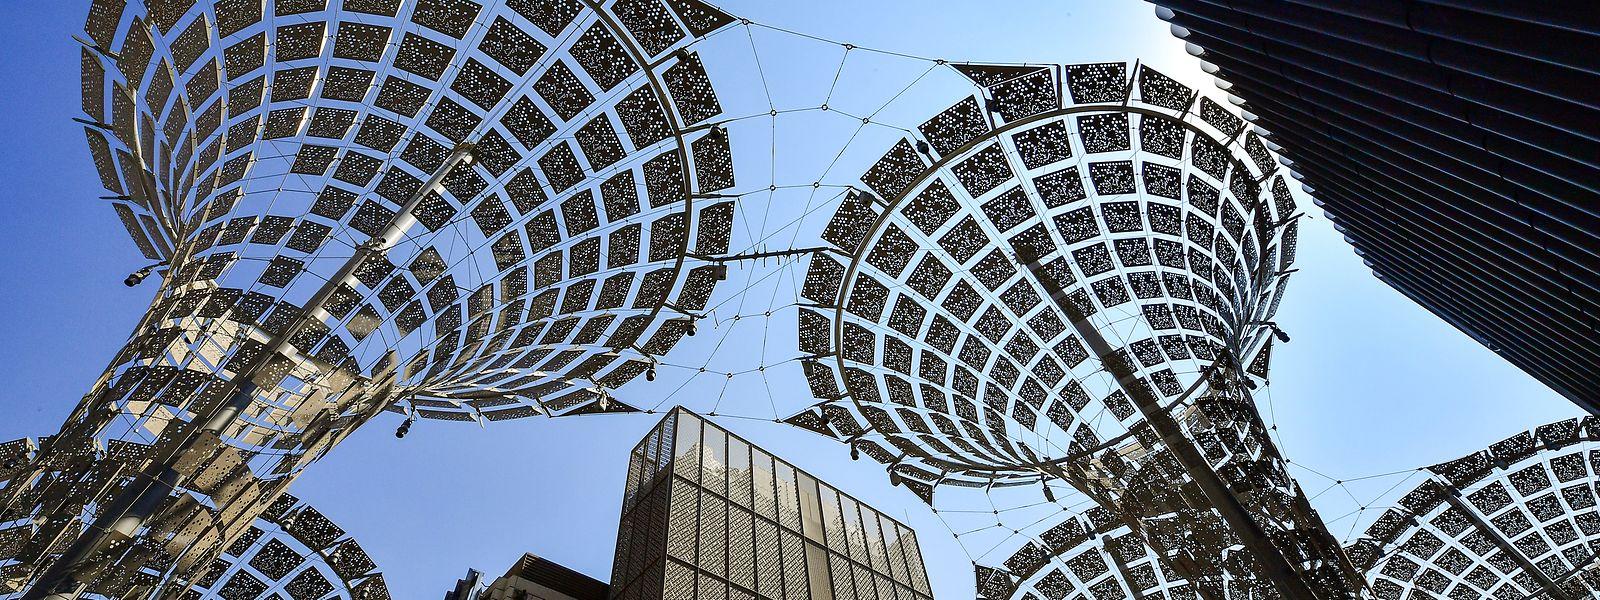 Aus dem Gelände der Weltausstellung soll nach Ende der Expo 2020 ein neues Stadtviertel werden.